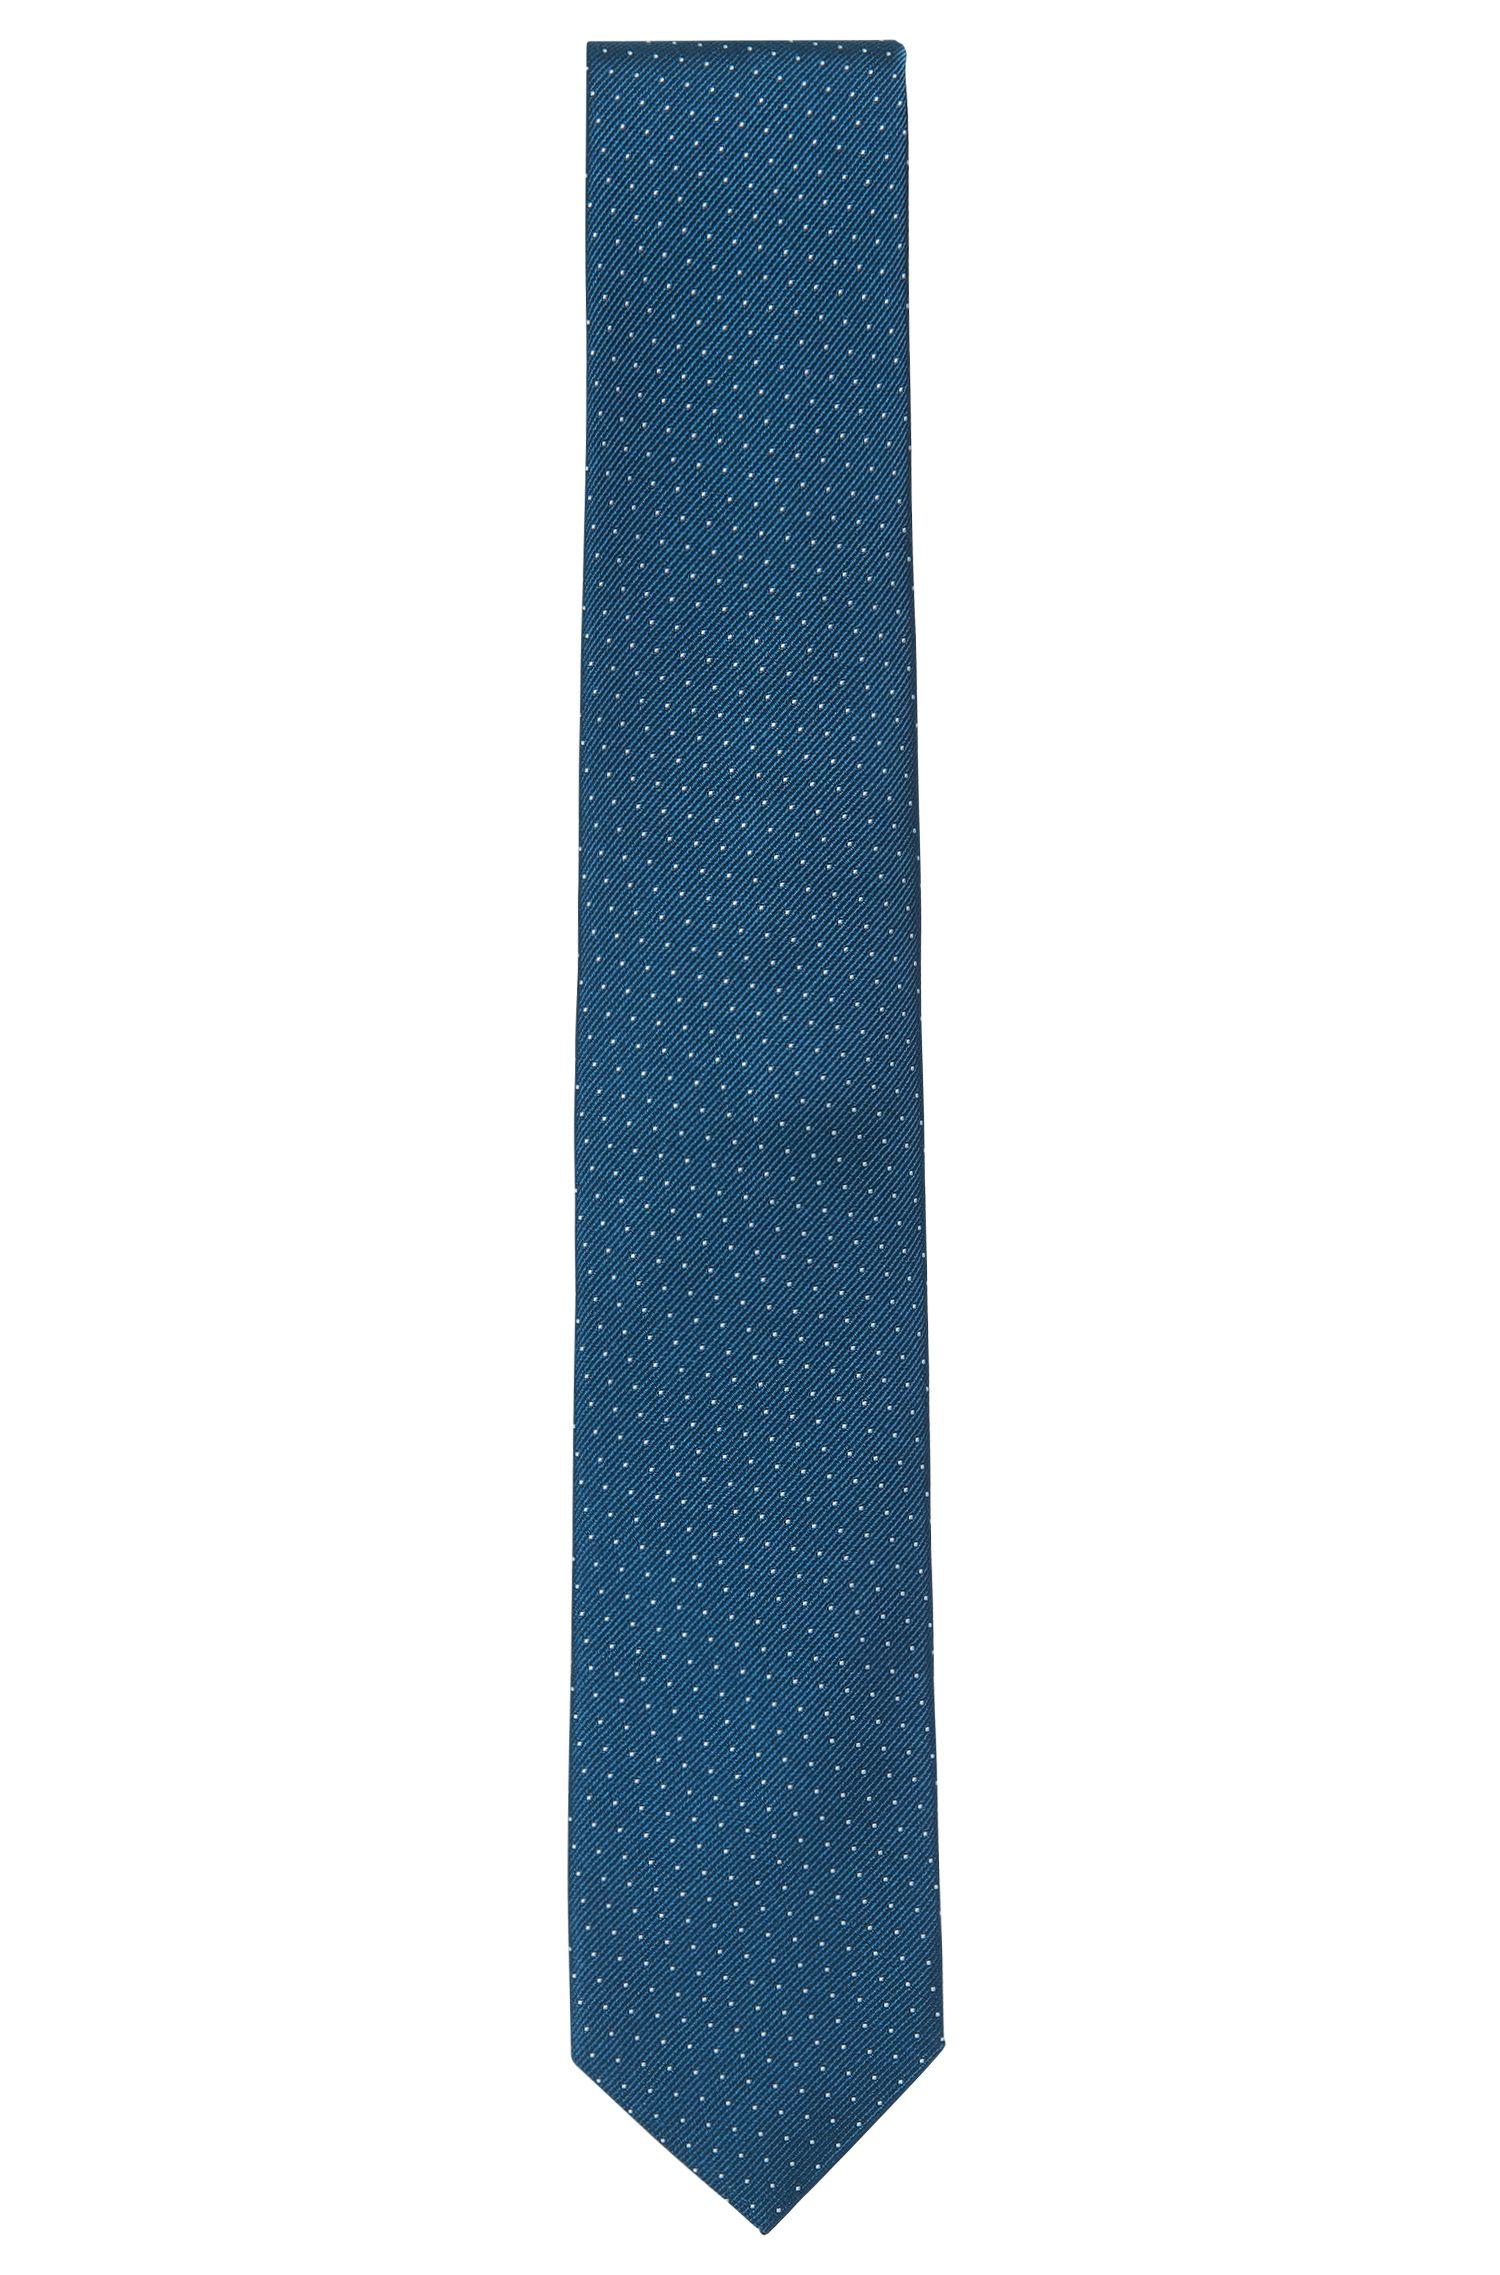 Fein gepunktete Krawatte aus edler Seide